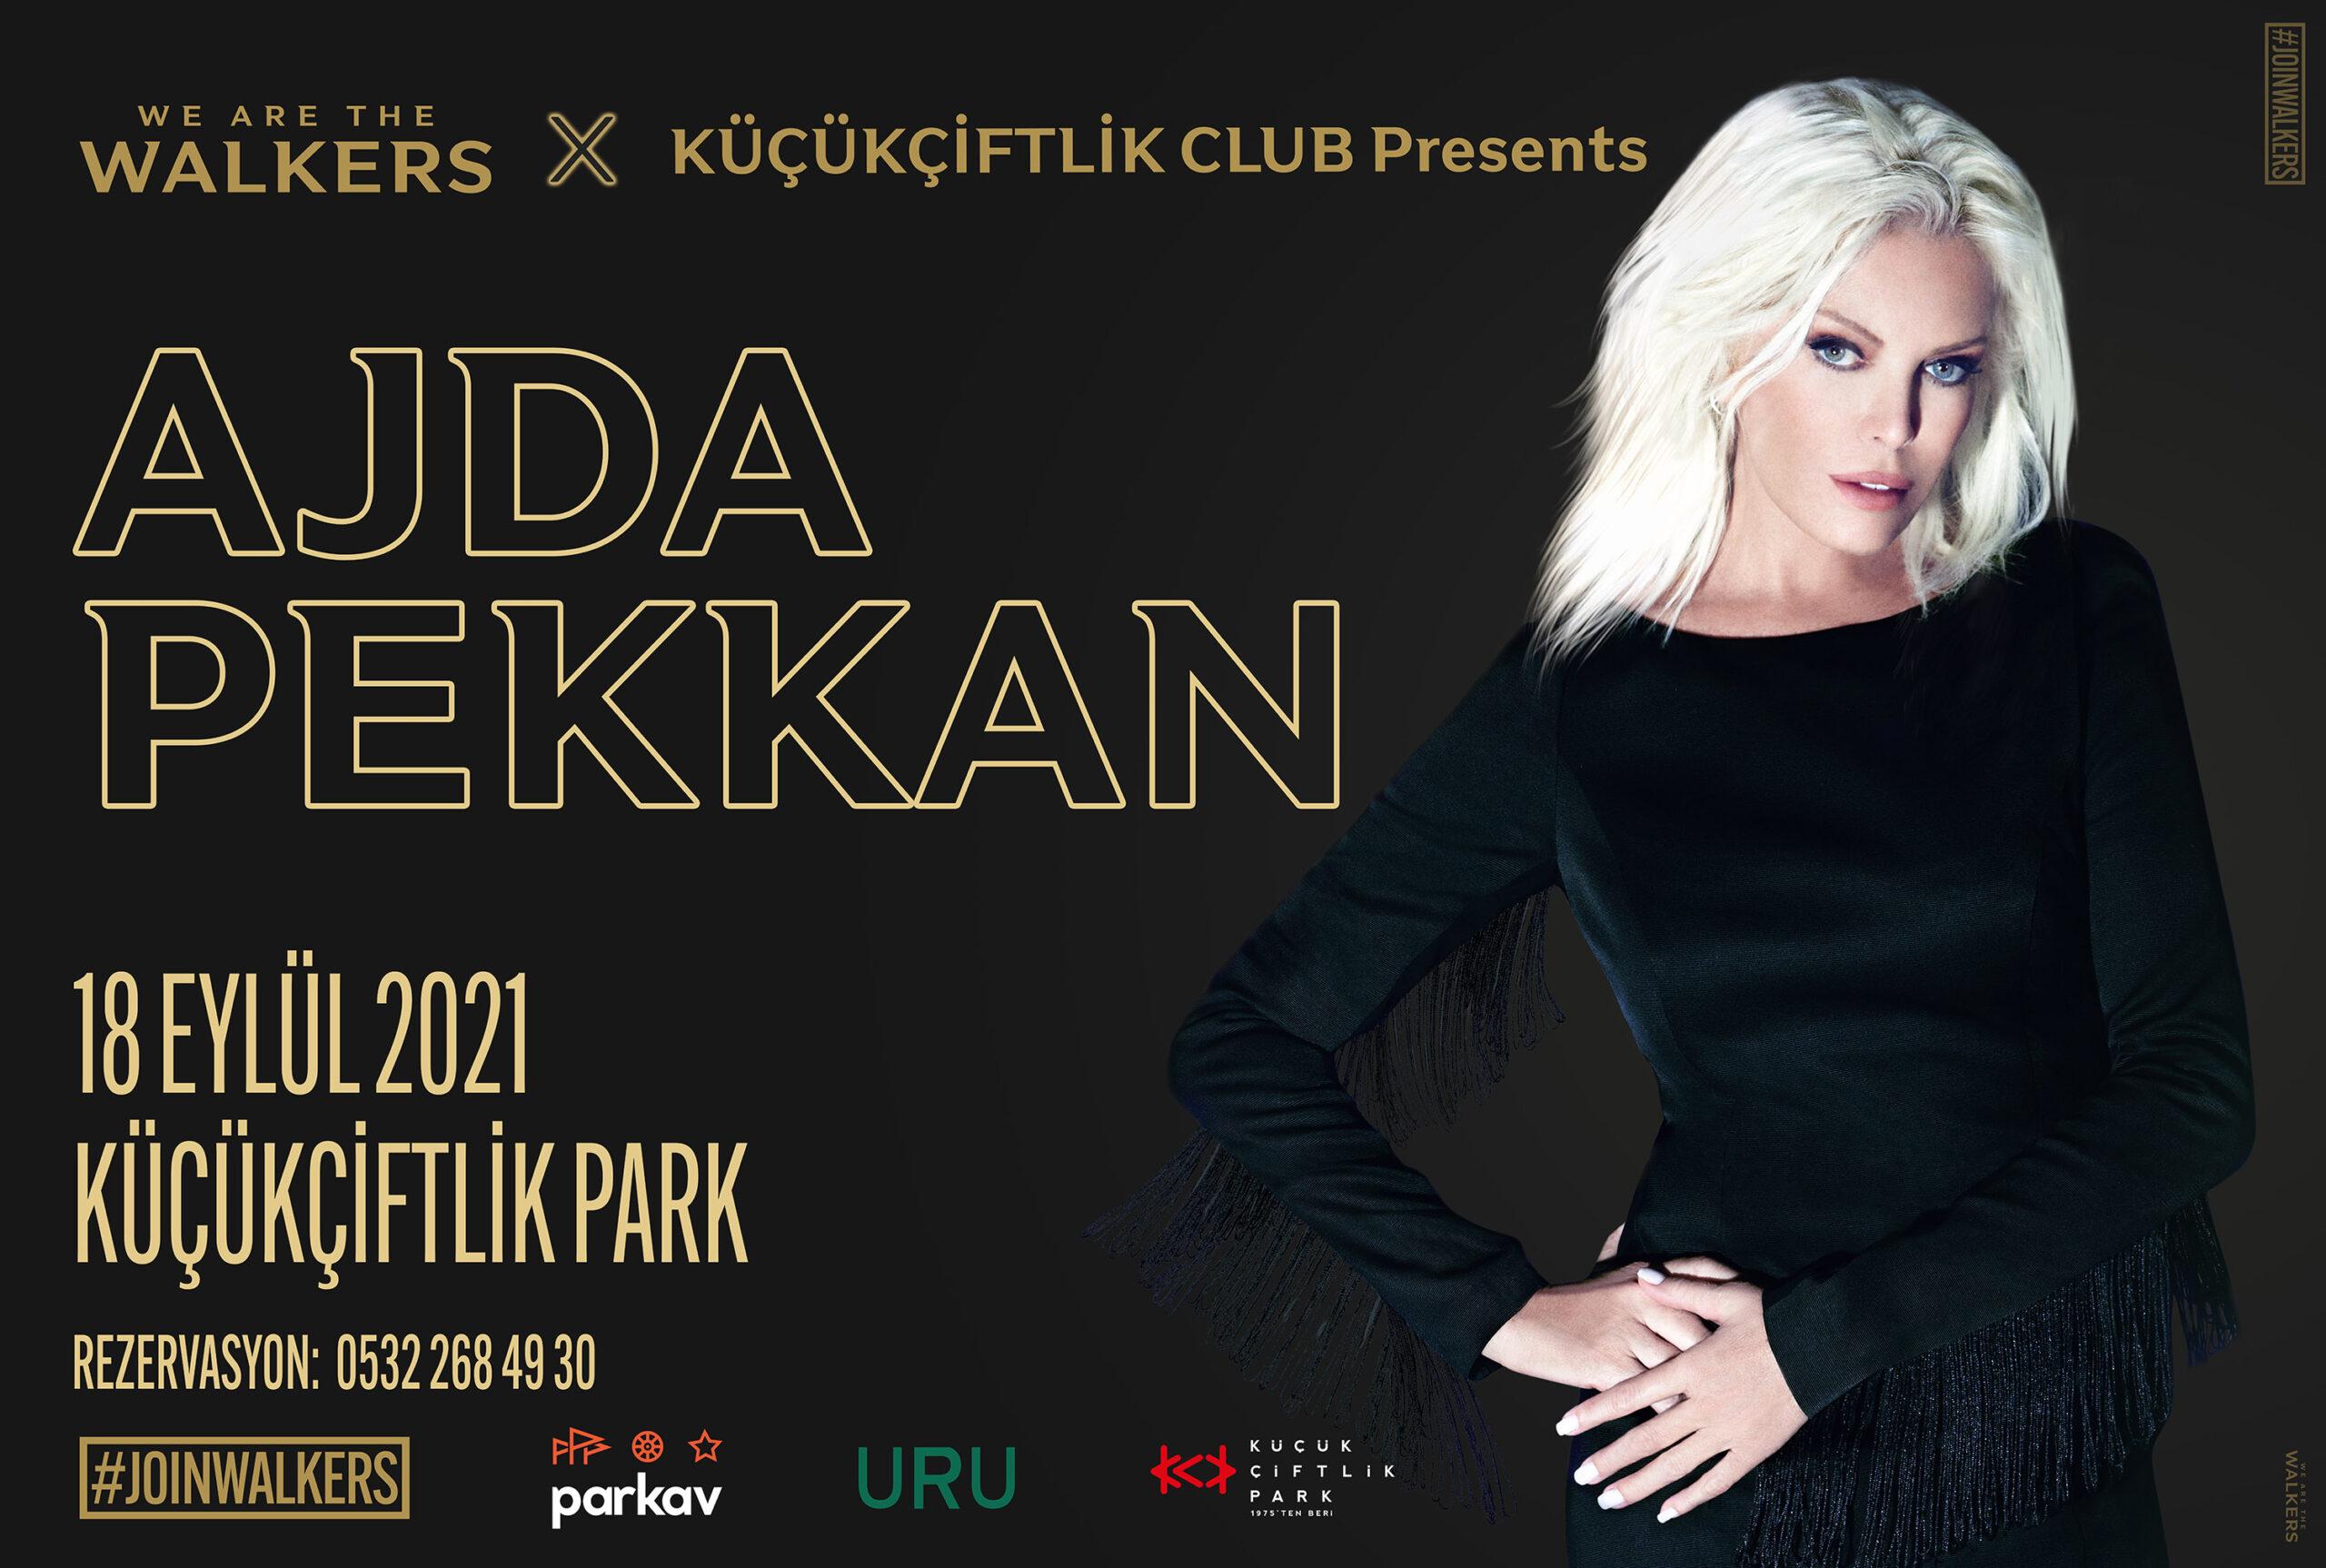 Süperstar Ajda Pekkan ilk kez KüçükÇiftlik Park Sahnesi'nde!